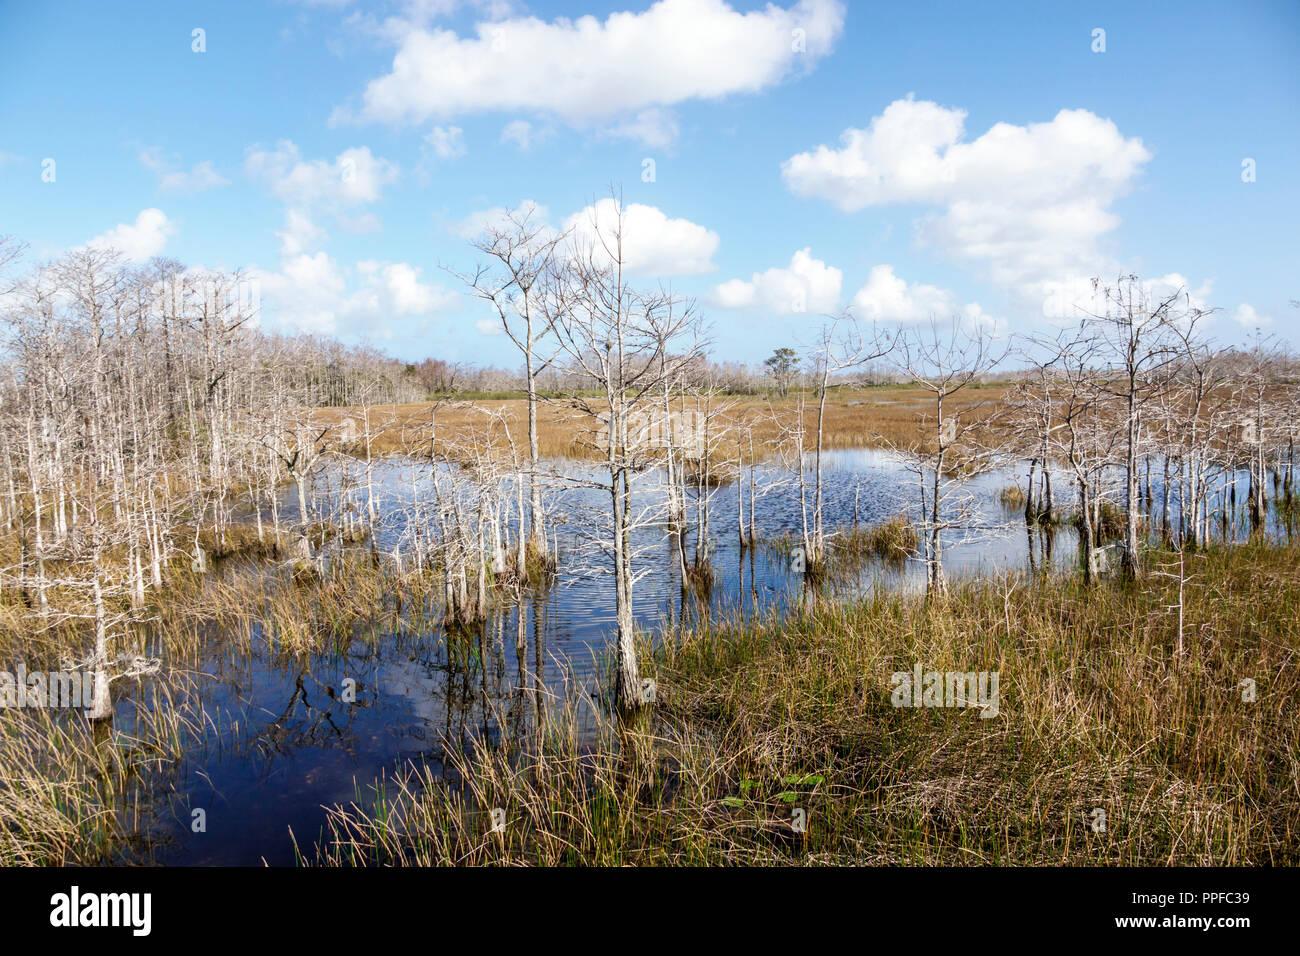 West Palm Beach Florida Eaux herbeuses humides de la réserve naturelle de l'eau de l'écosystème de cyprès chauve Photo Stock